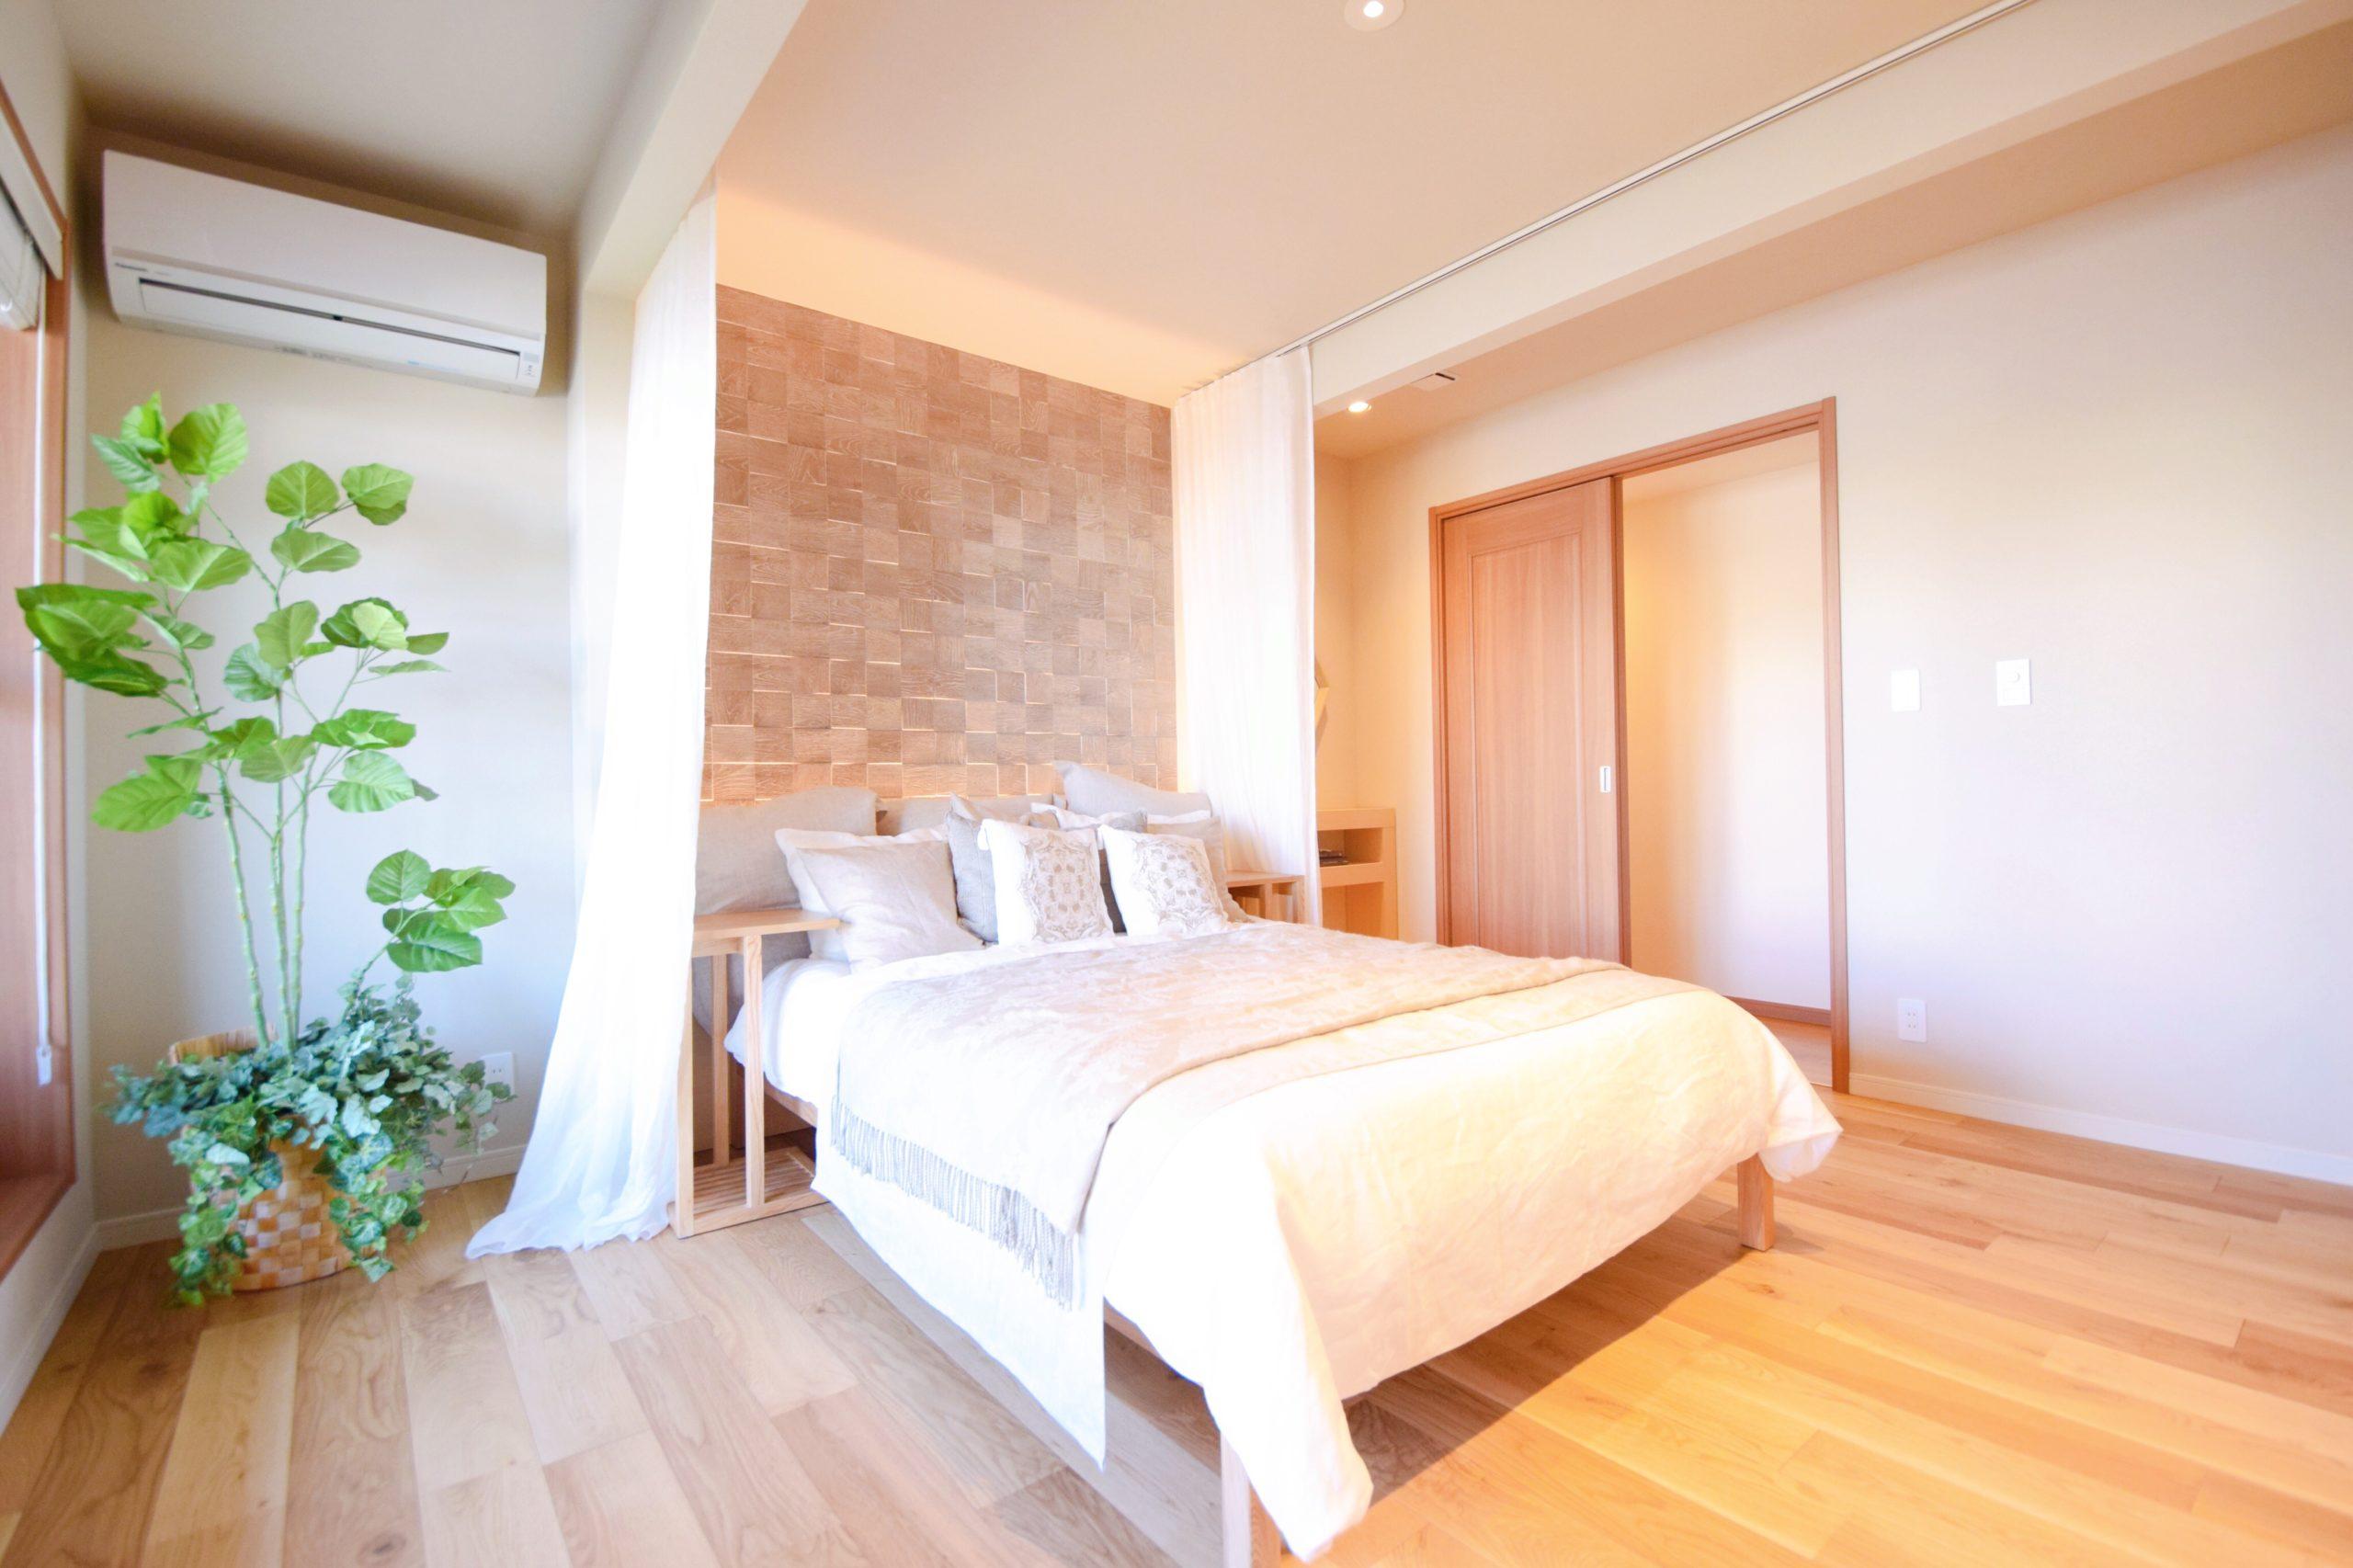 ベッド周りにカーテンレールがある寝室